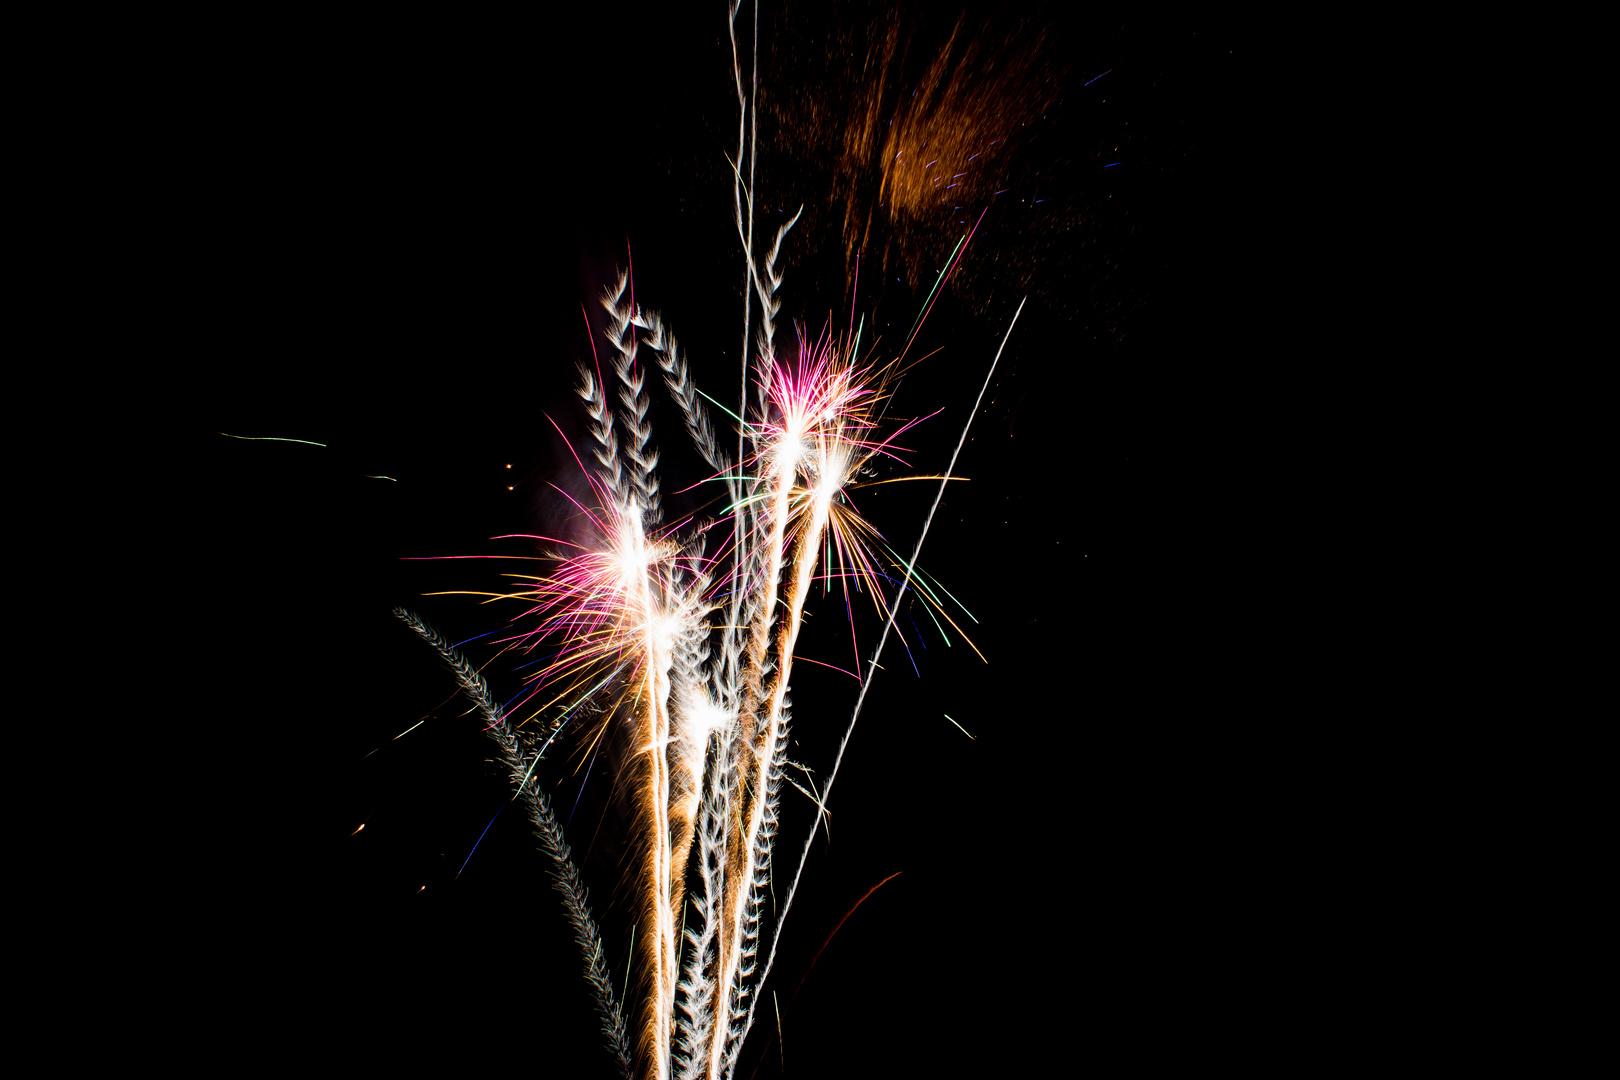 Feuerwerk in Getreide Form 2